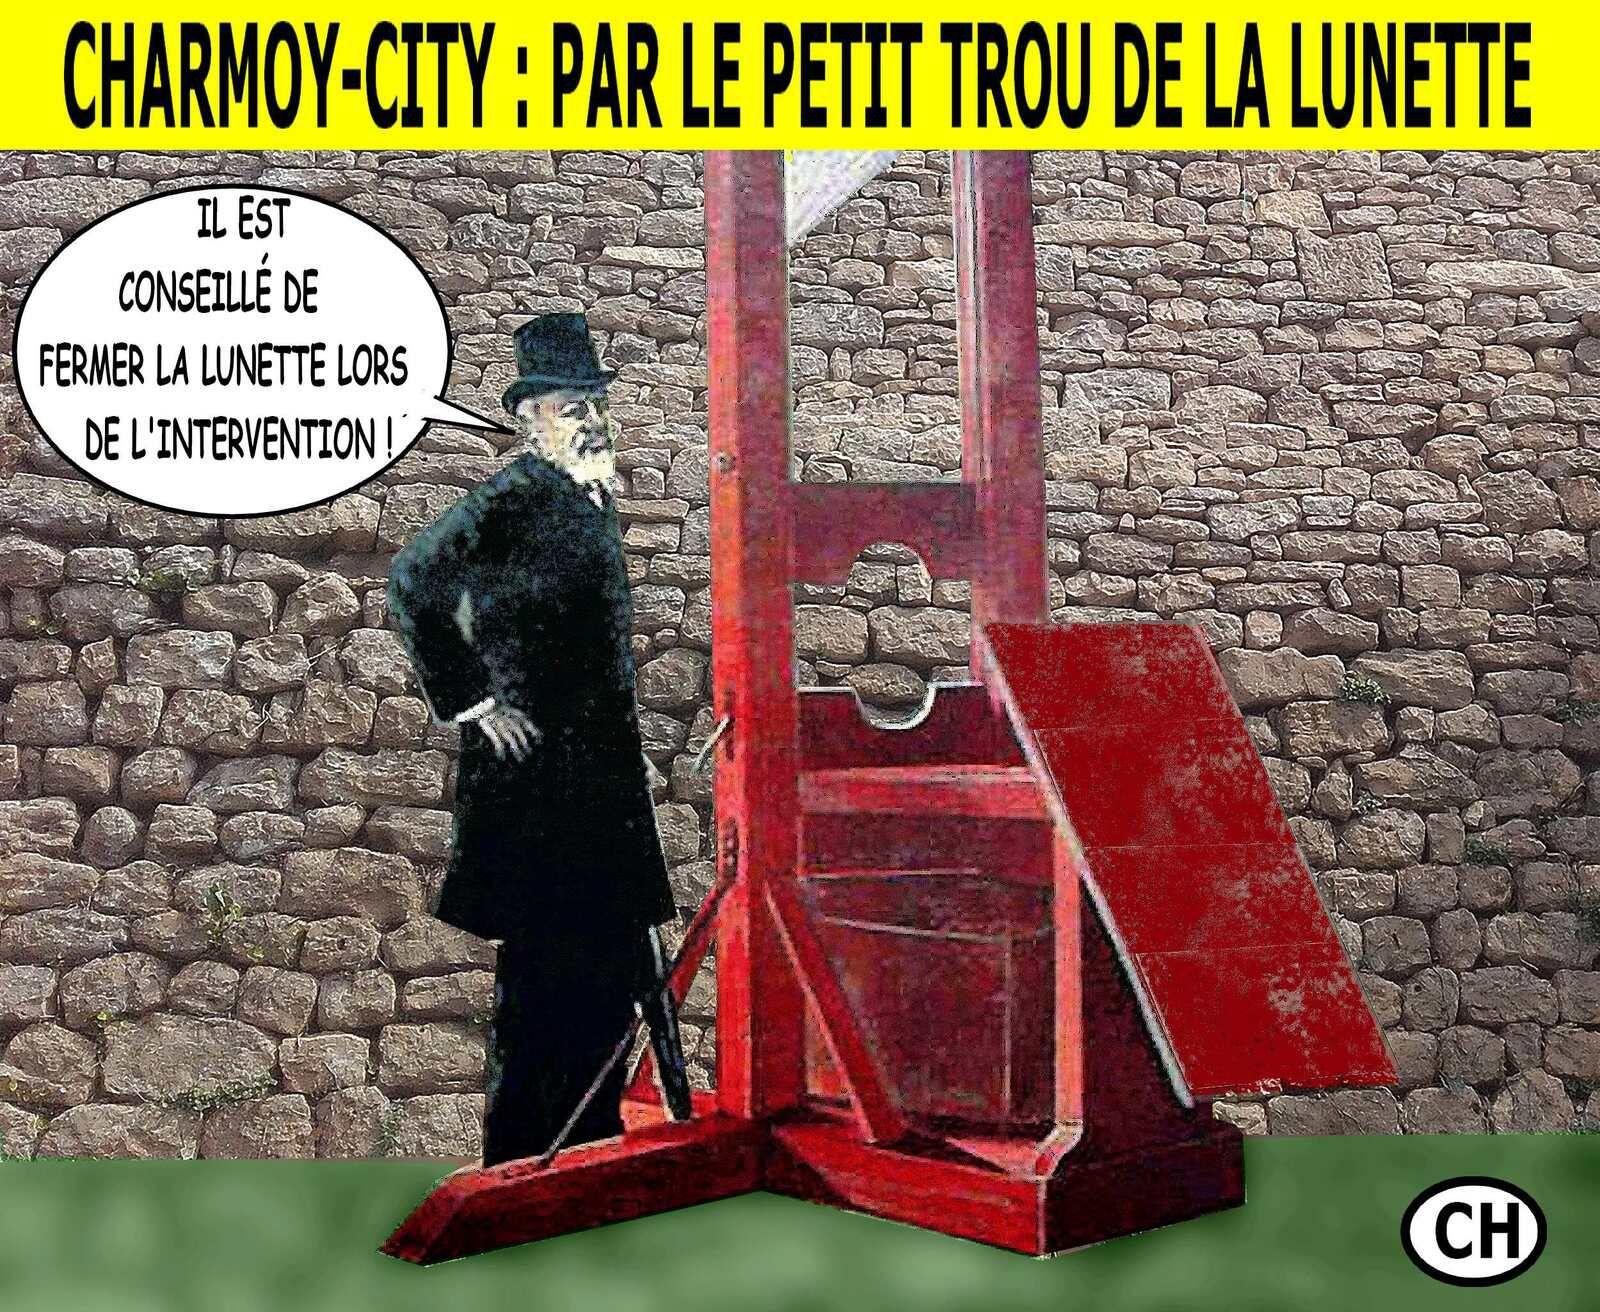 Charmoy-city, par le petit trou de la lunette.jpg